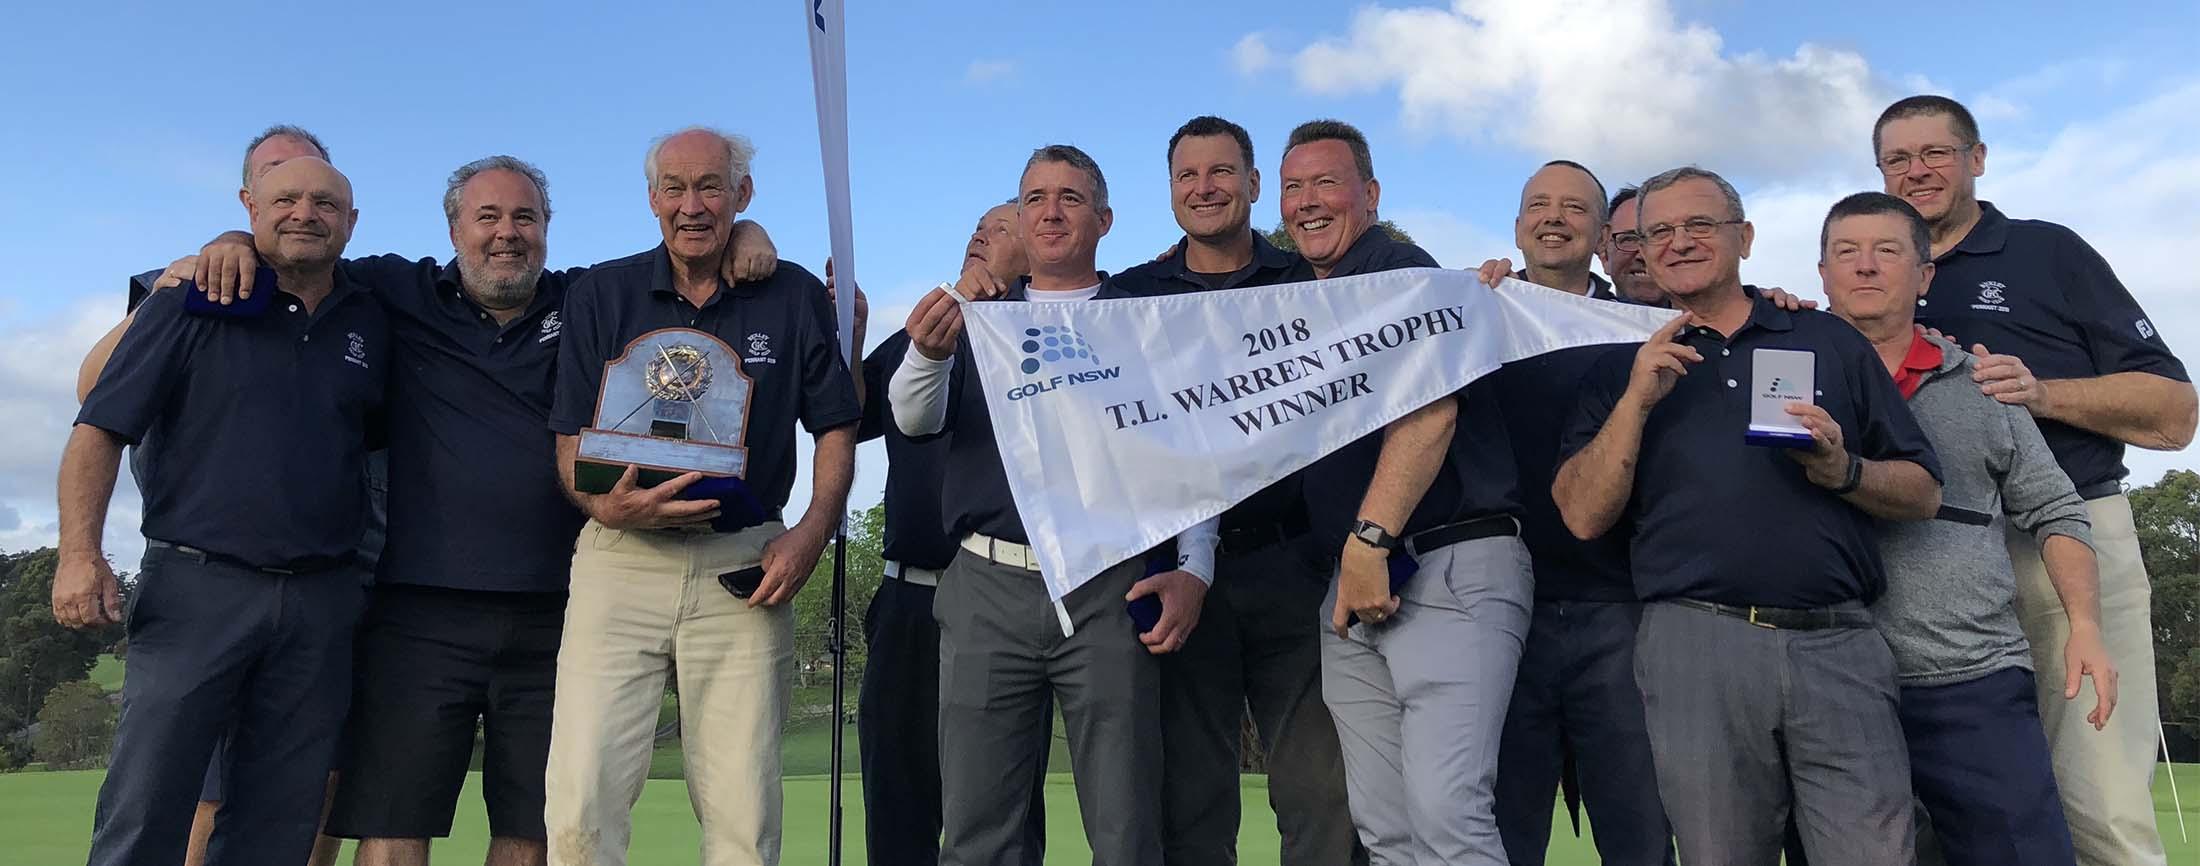 2018 TL Warren Winners